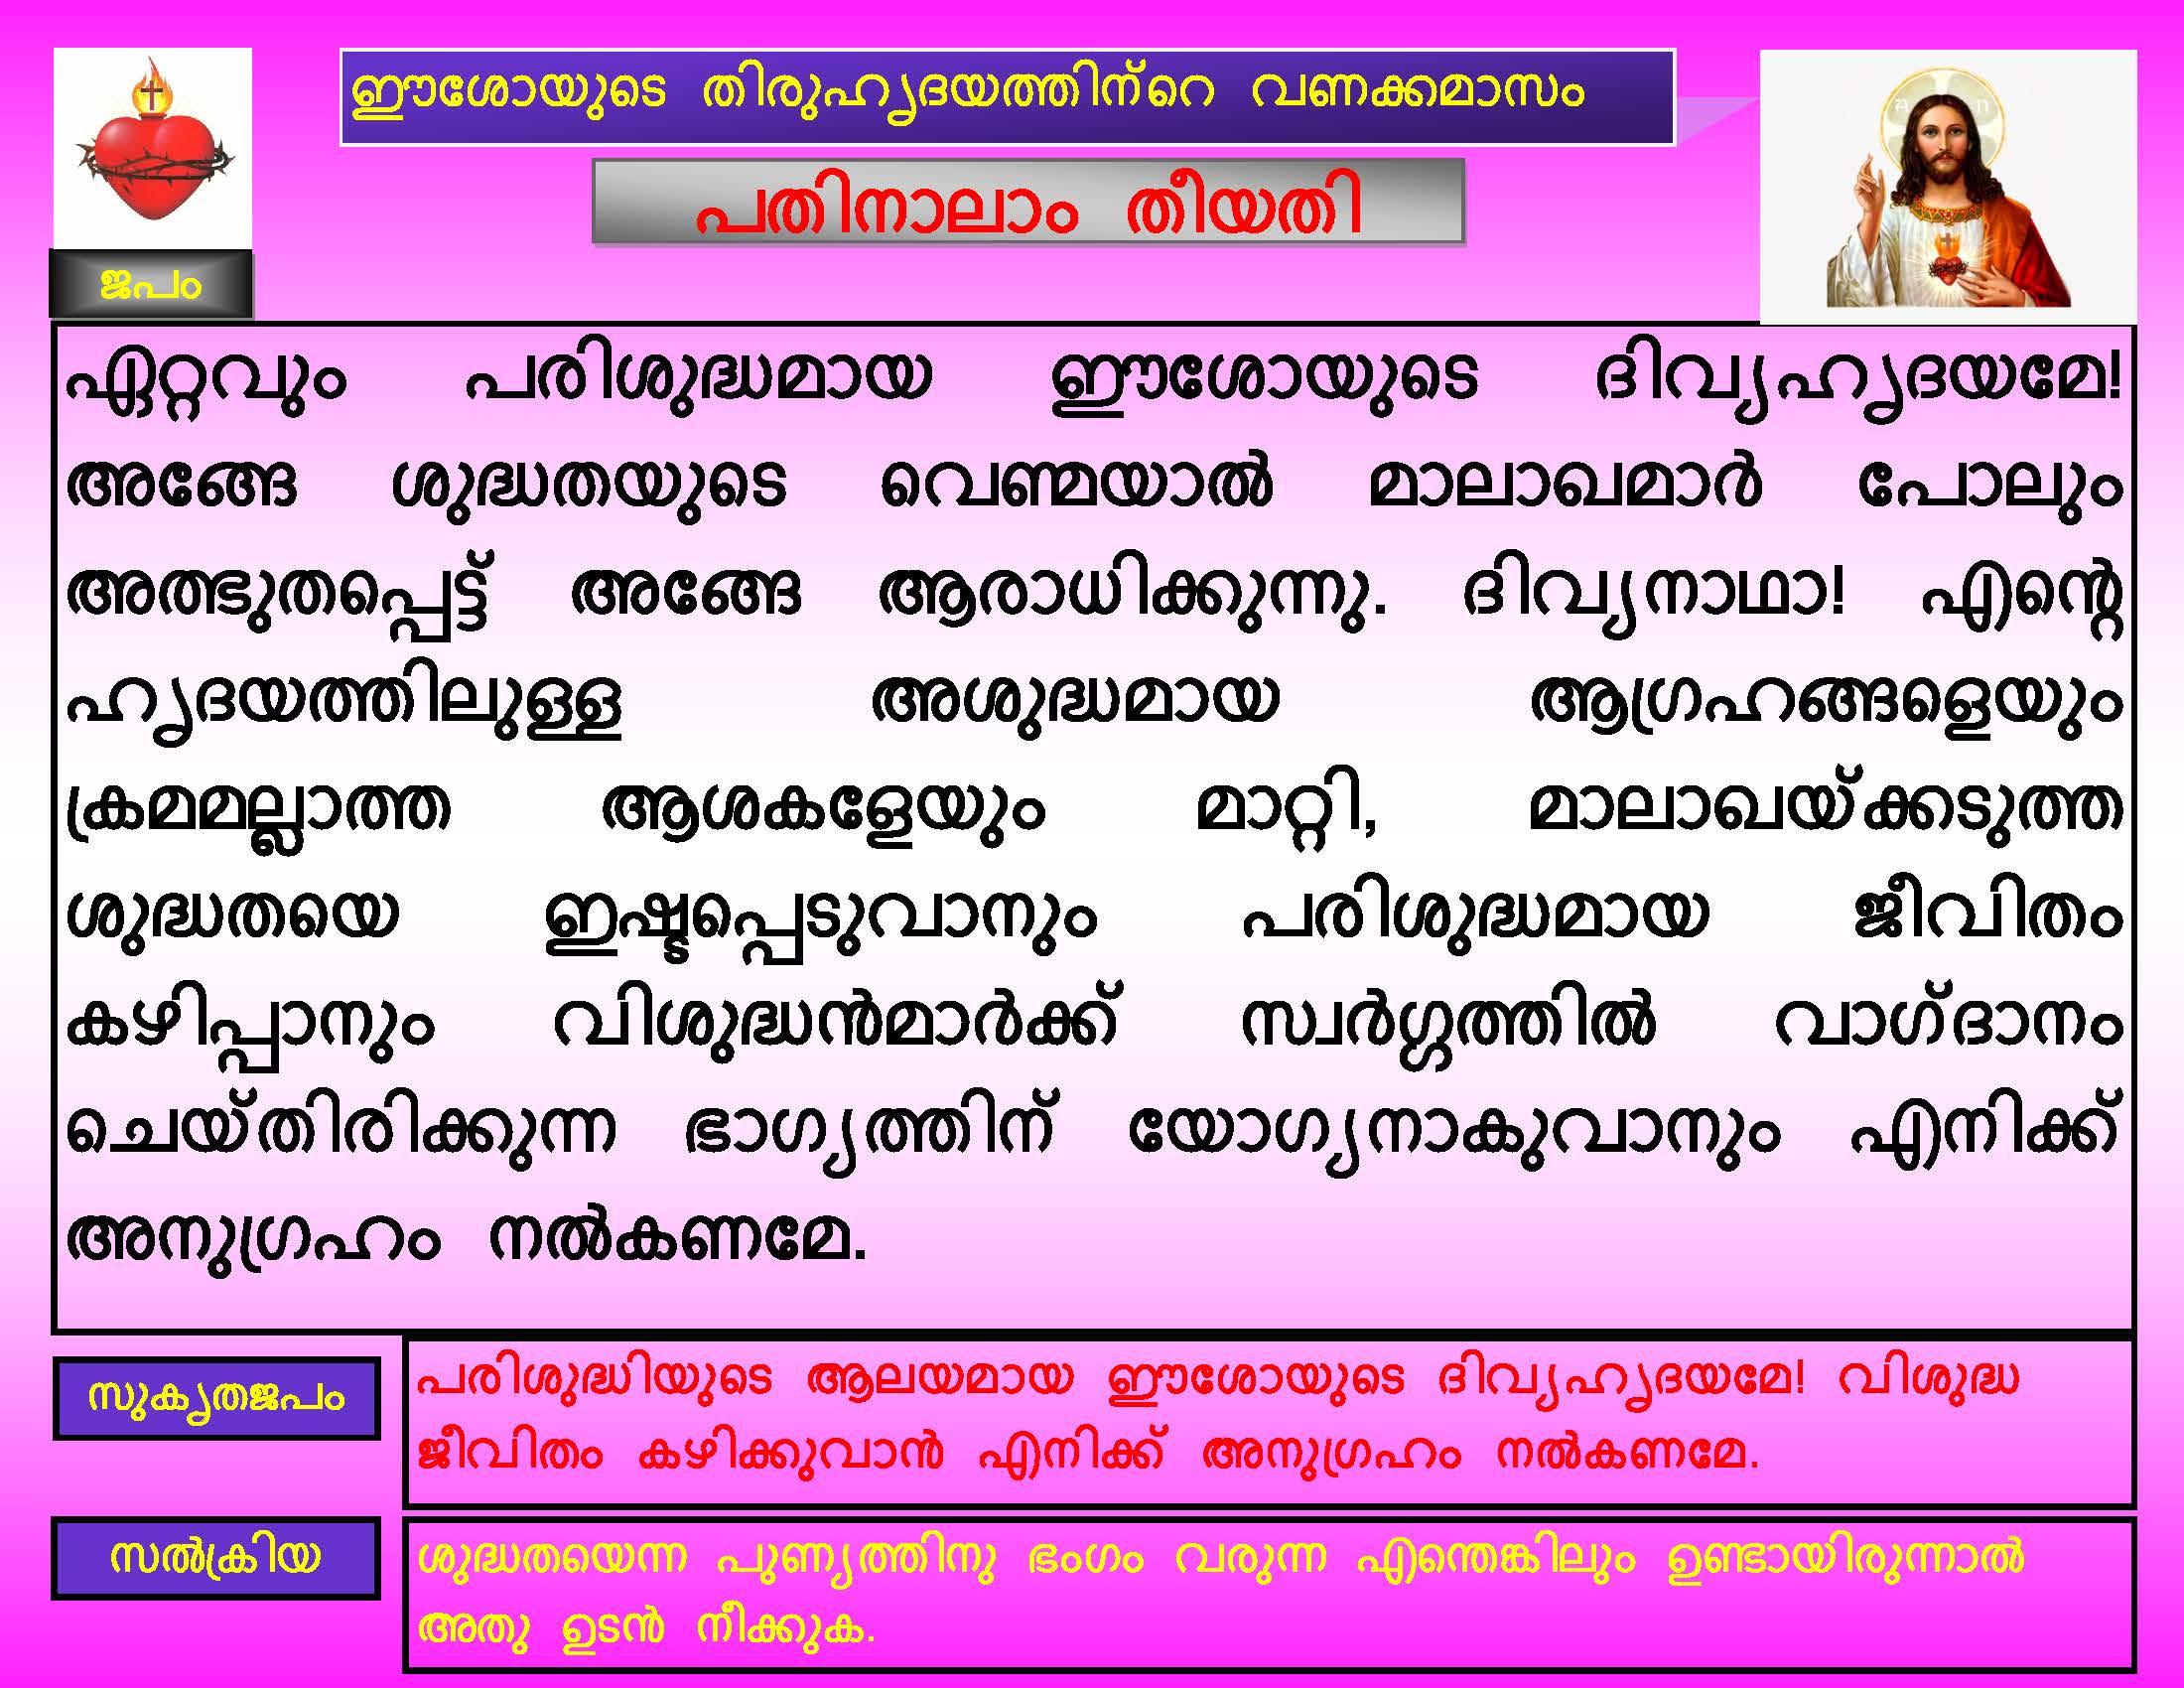 Thiruhrudaya Vanakkamasam - Day 14